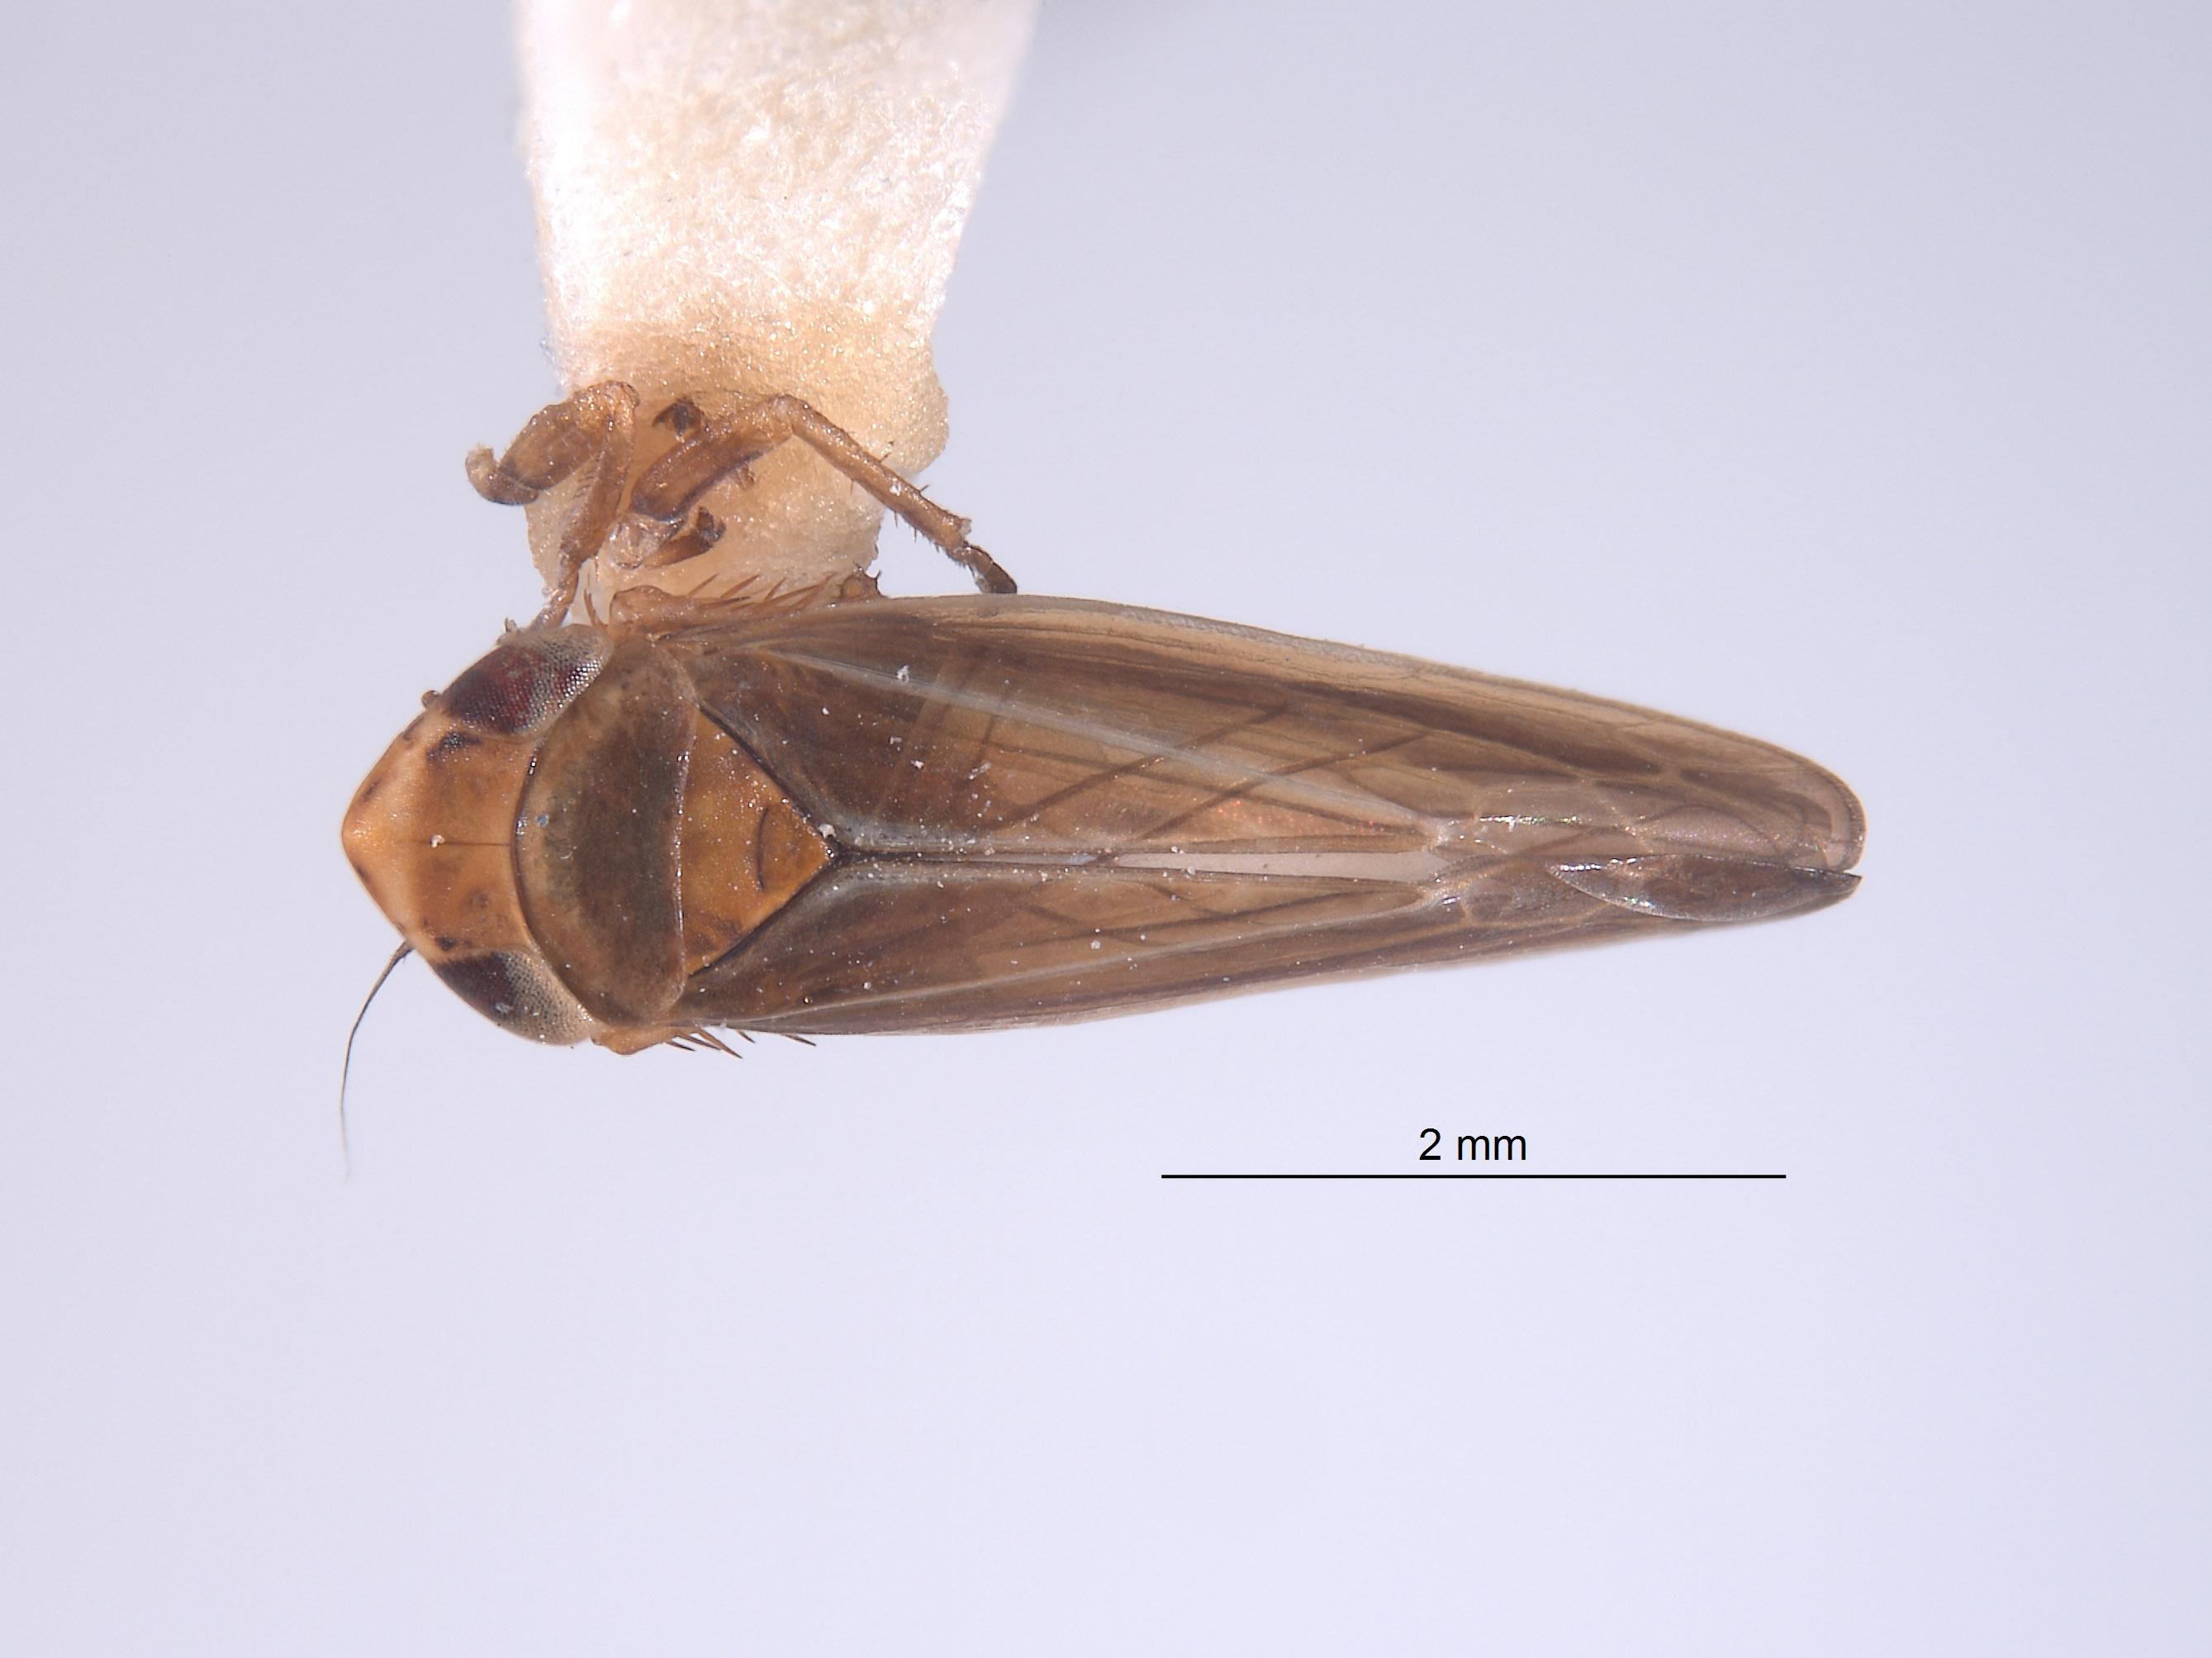 Colladonus image